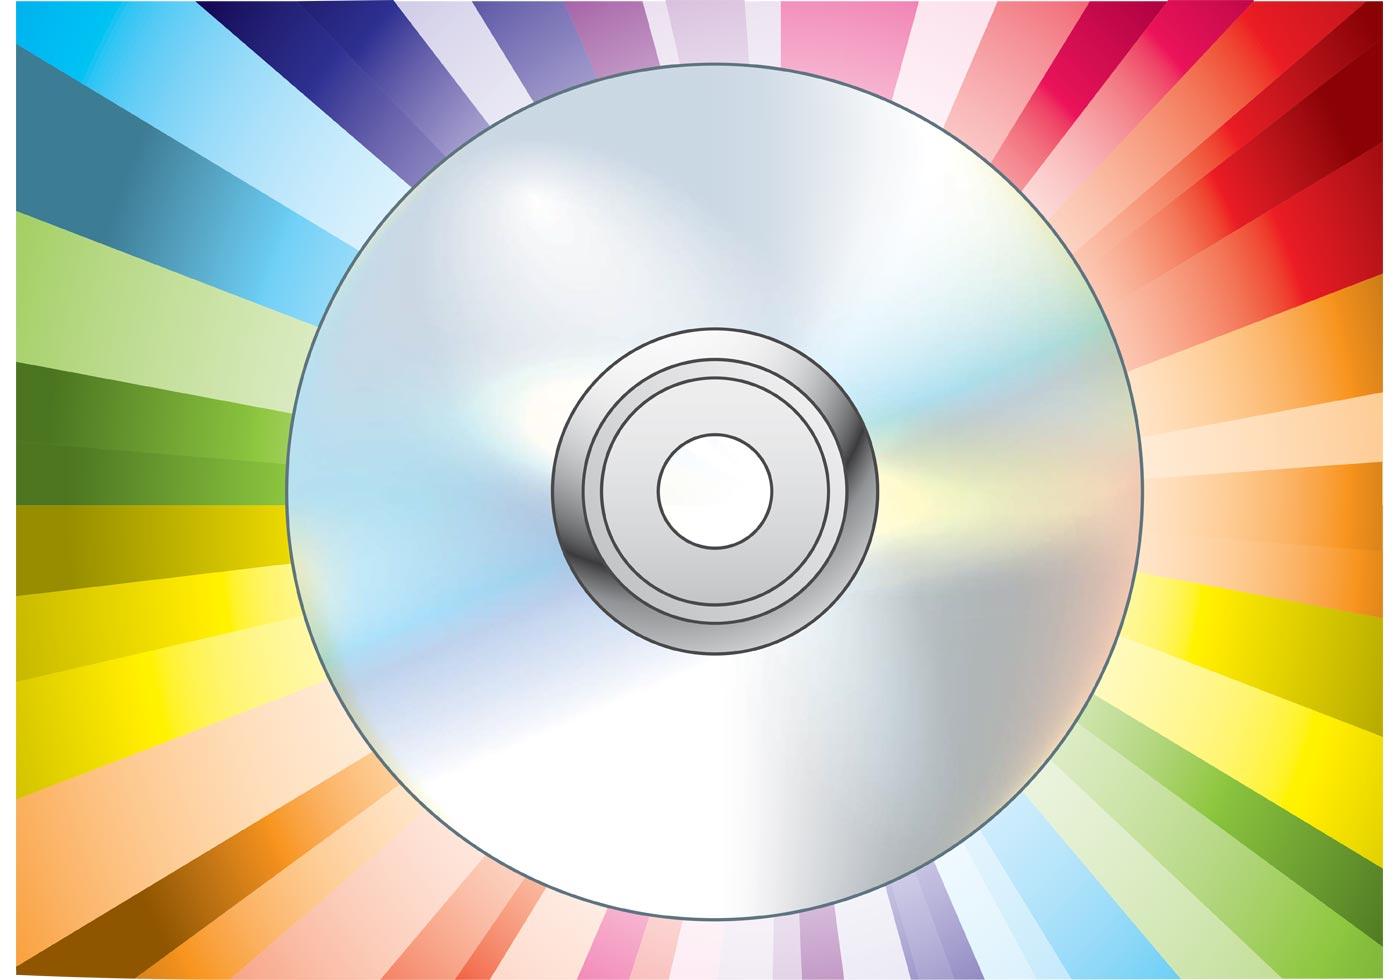 Cd Dvd Disc Vector Download Free Vector Art Stock